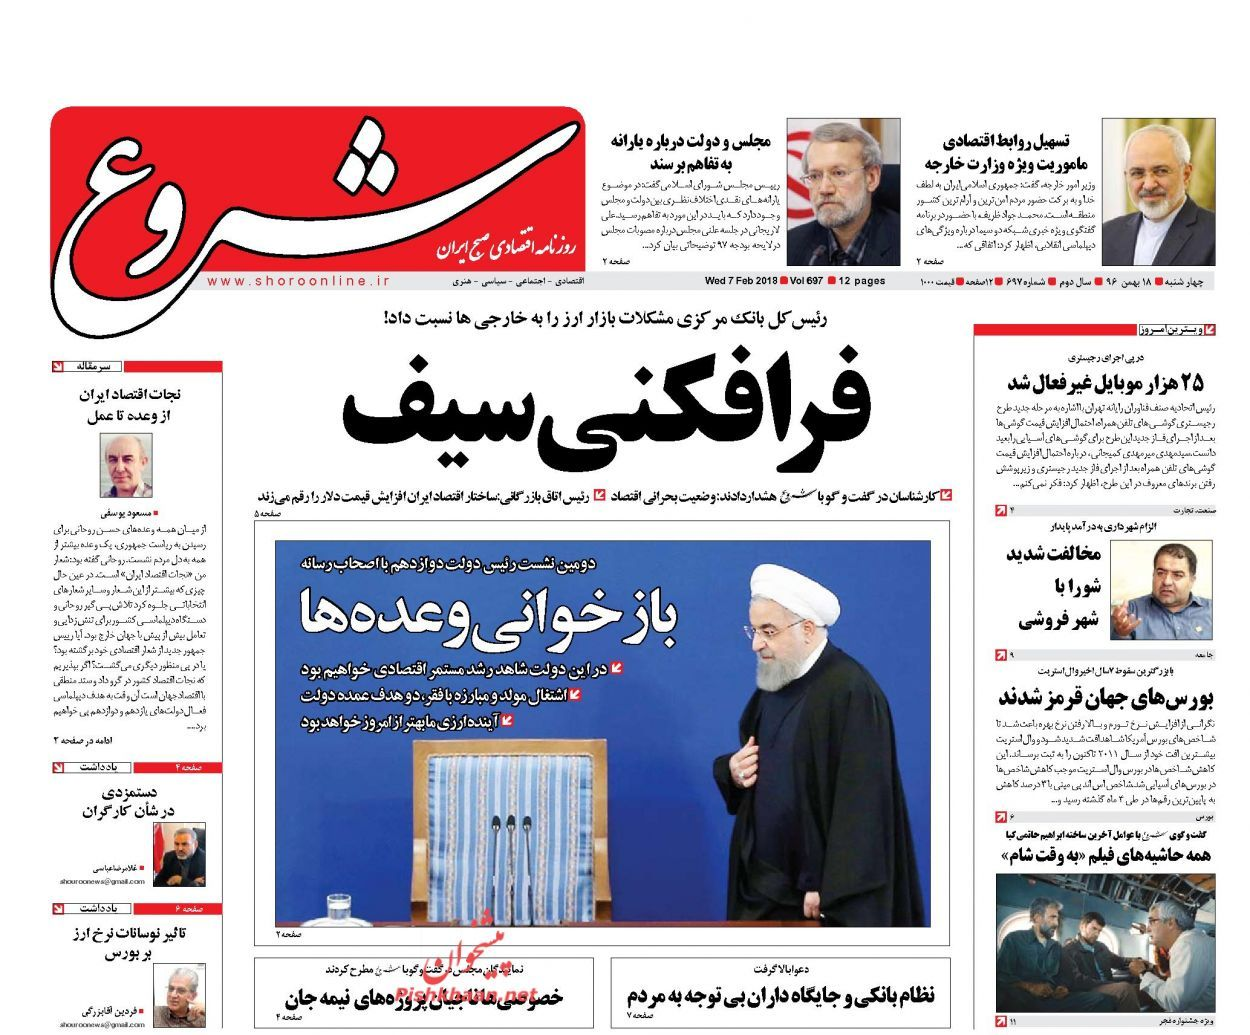 روزنامههای اقتصادی چهارشنبه ۱۸ بهمن ماه ۹۶